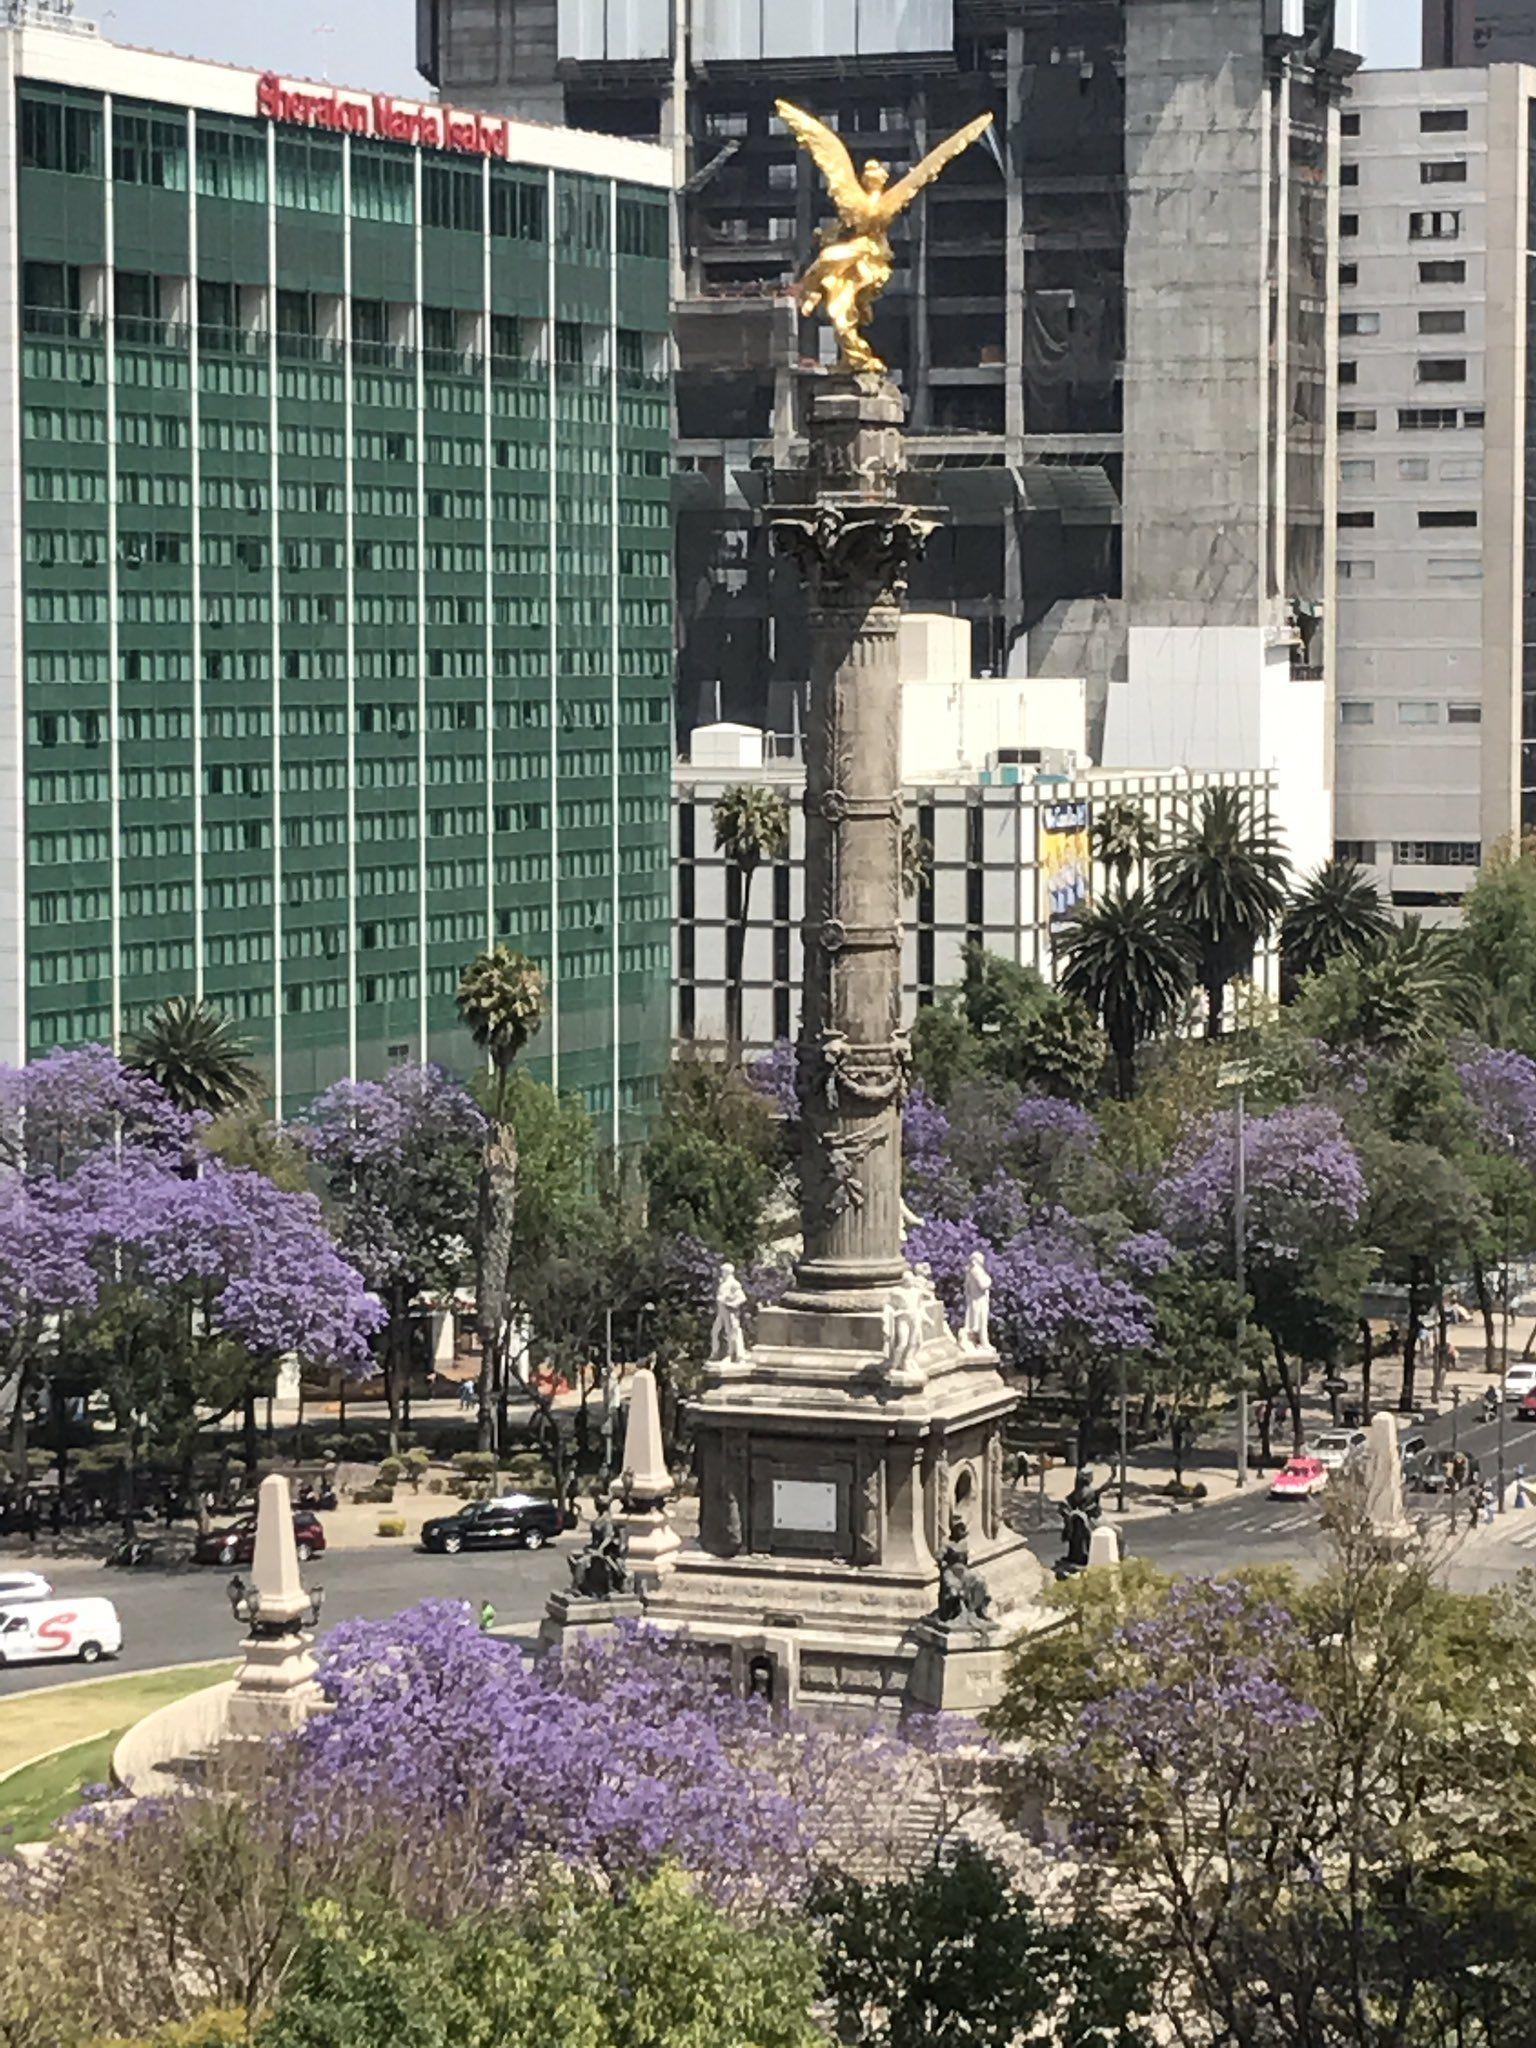 Ciudad de México, Paseo de la Reforma, Angel de la Independencia